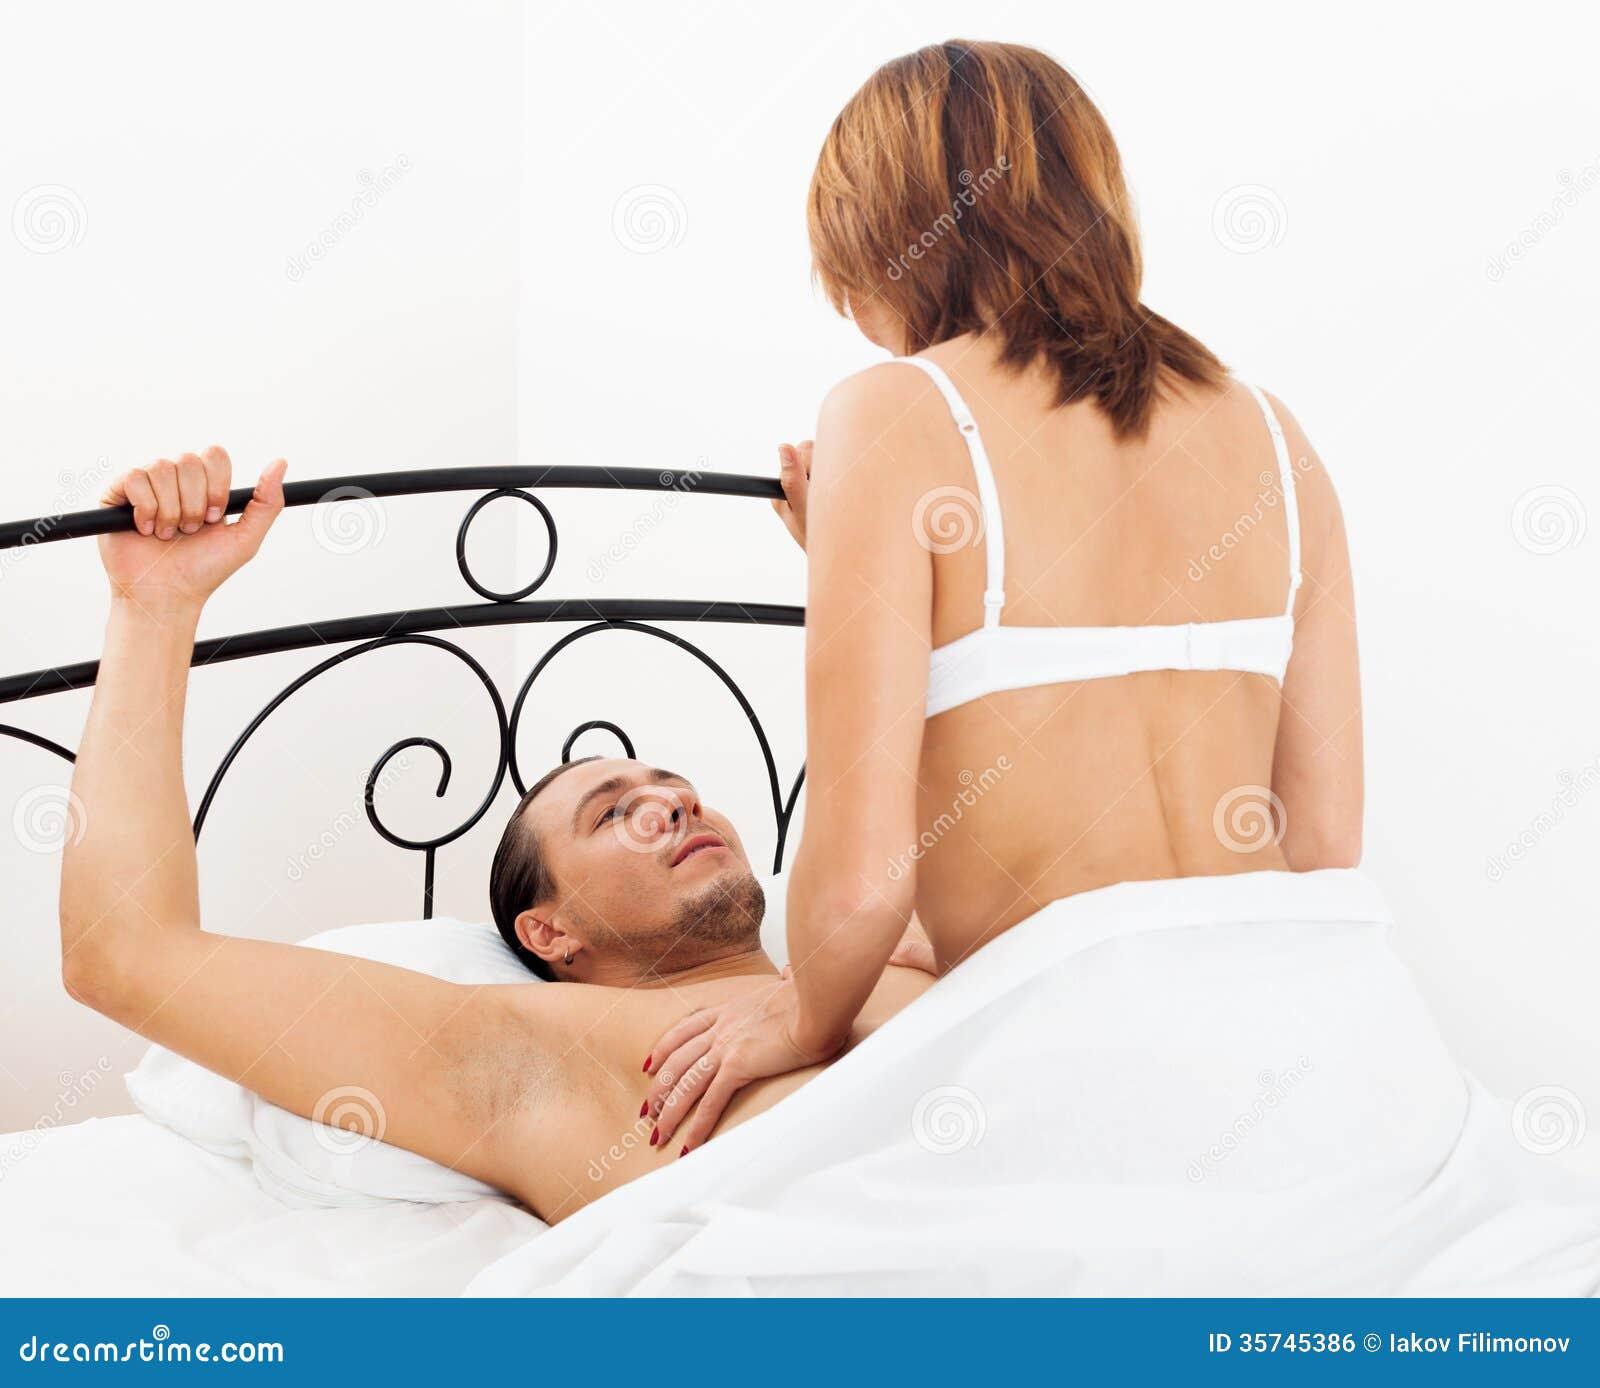 mann und frau haben sex